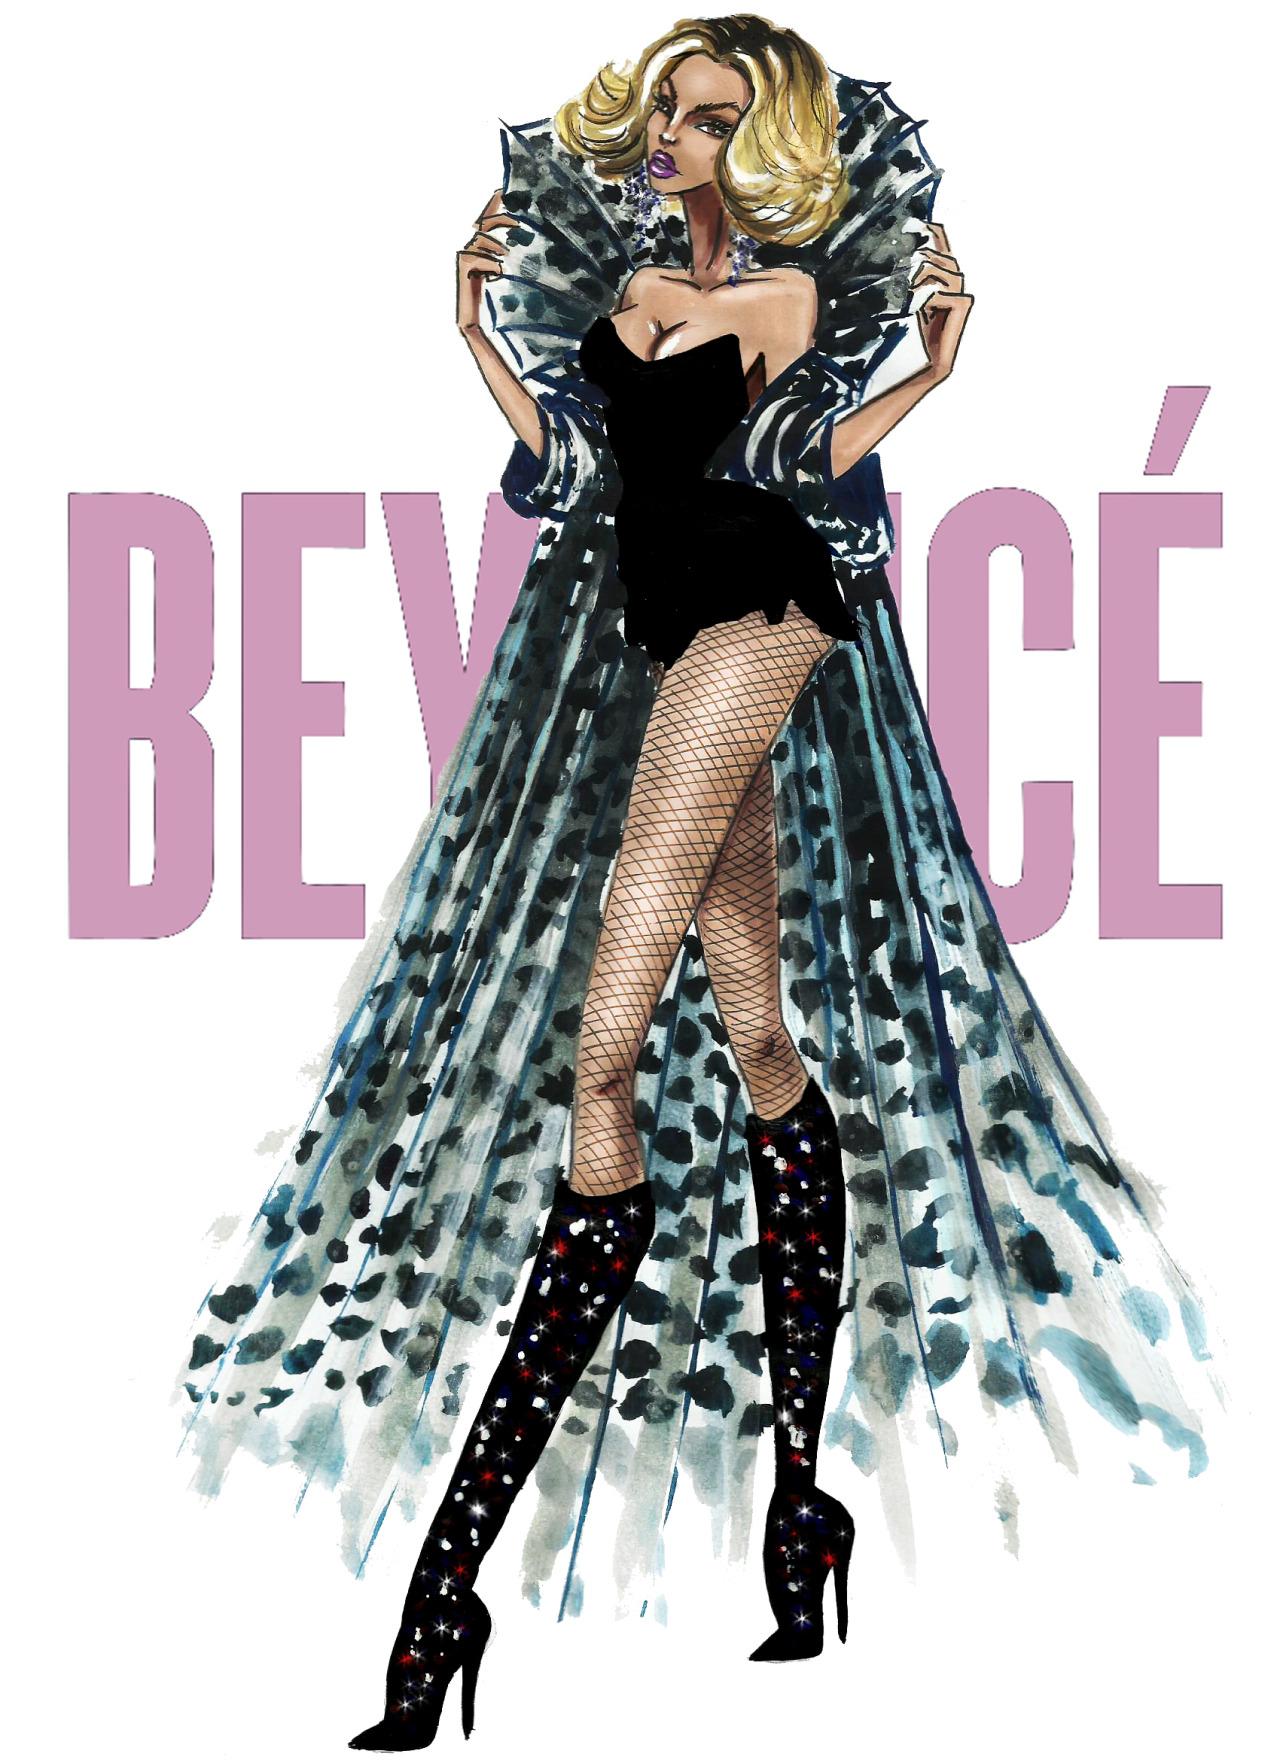 Curly Girl Wallpaper The Beyonc 233 Eras Beyonce By Armand Mehidri